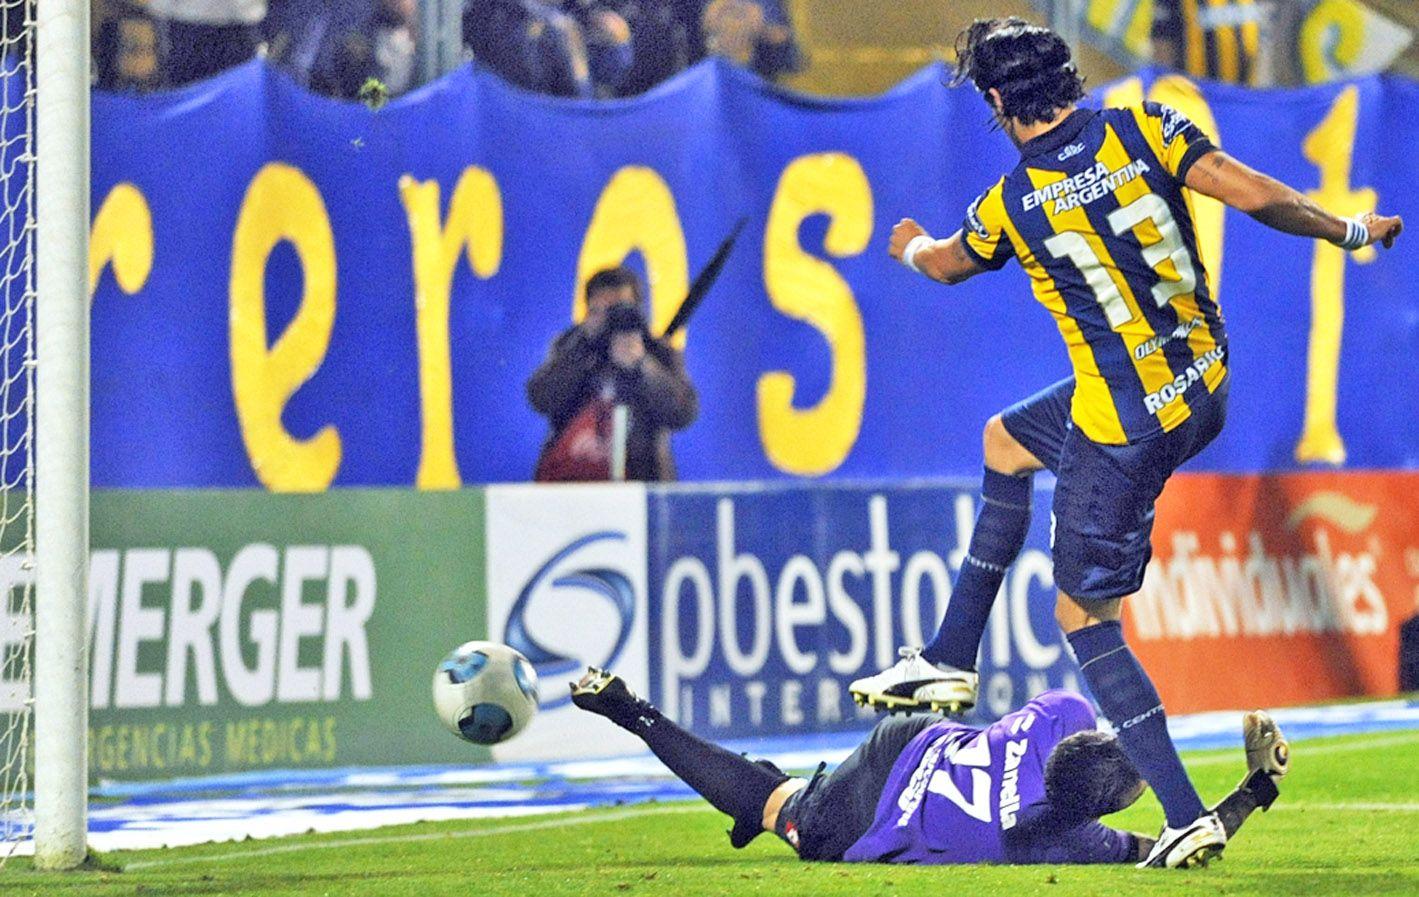 Alivio gigante. Abreu empuja la pelota hacia el arco tras el rebote de Campestrini. Fue el 1 a 1 cuando el partido se moría.